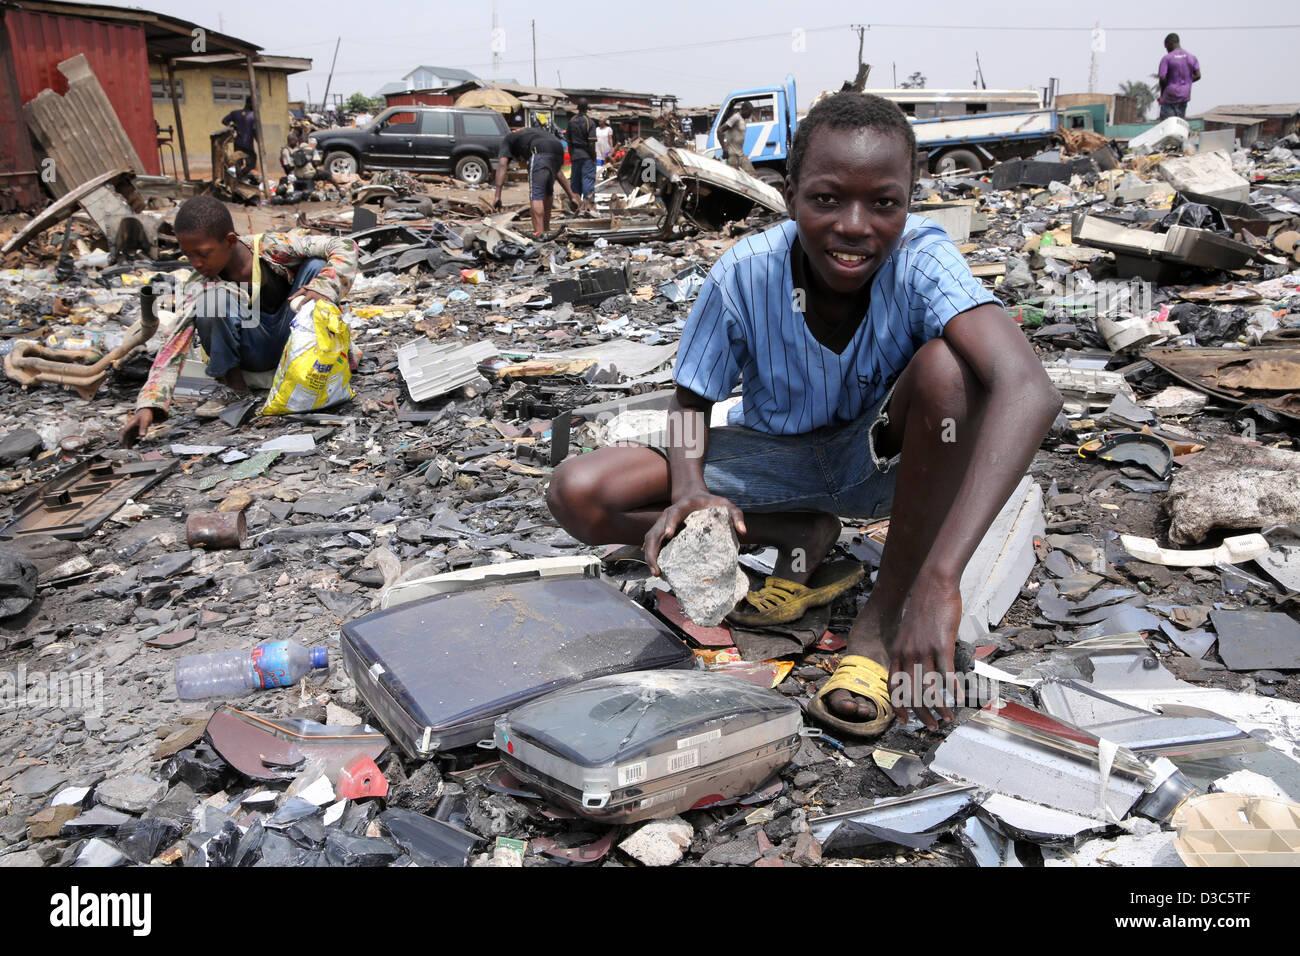 Muchachos adolescentes desmantelar los ordenadores y otros equipos electrónicos para recuperar el cobre, cerca Imagen De Stock